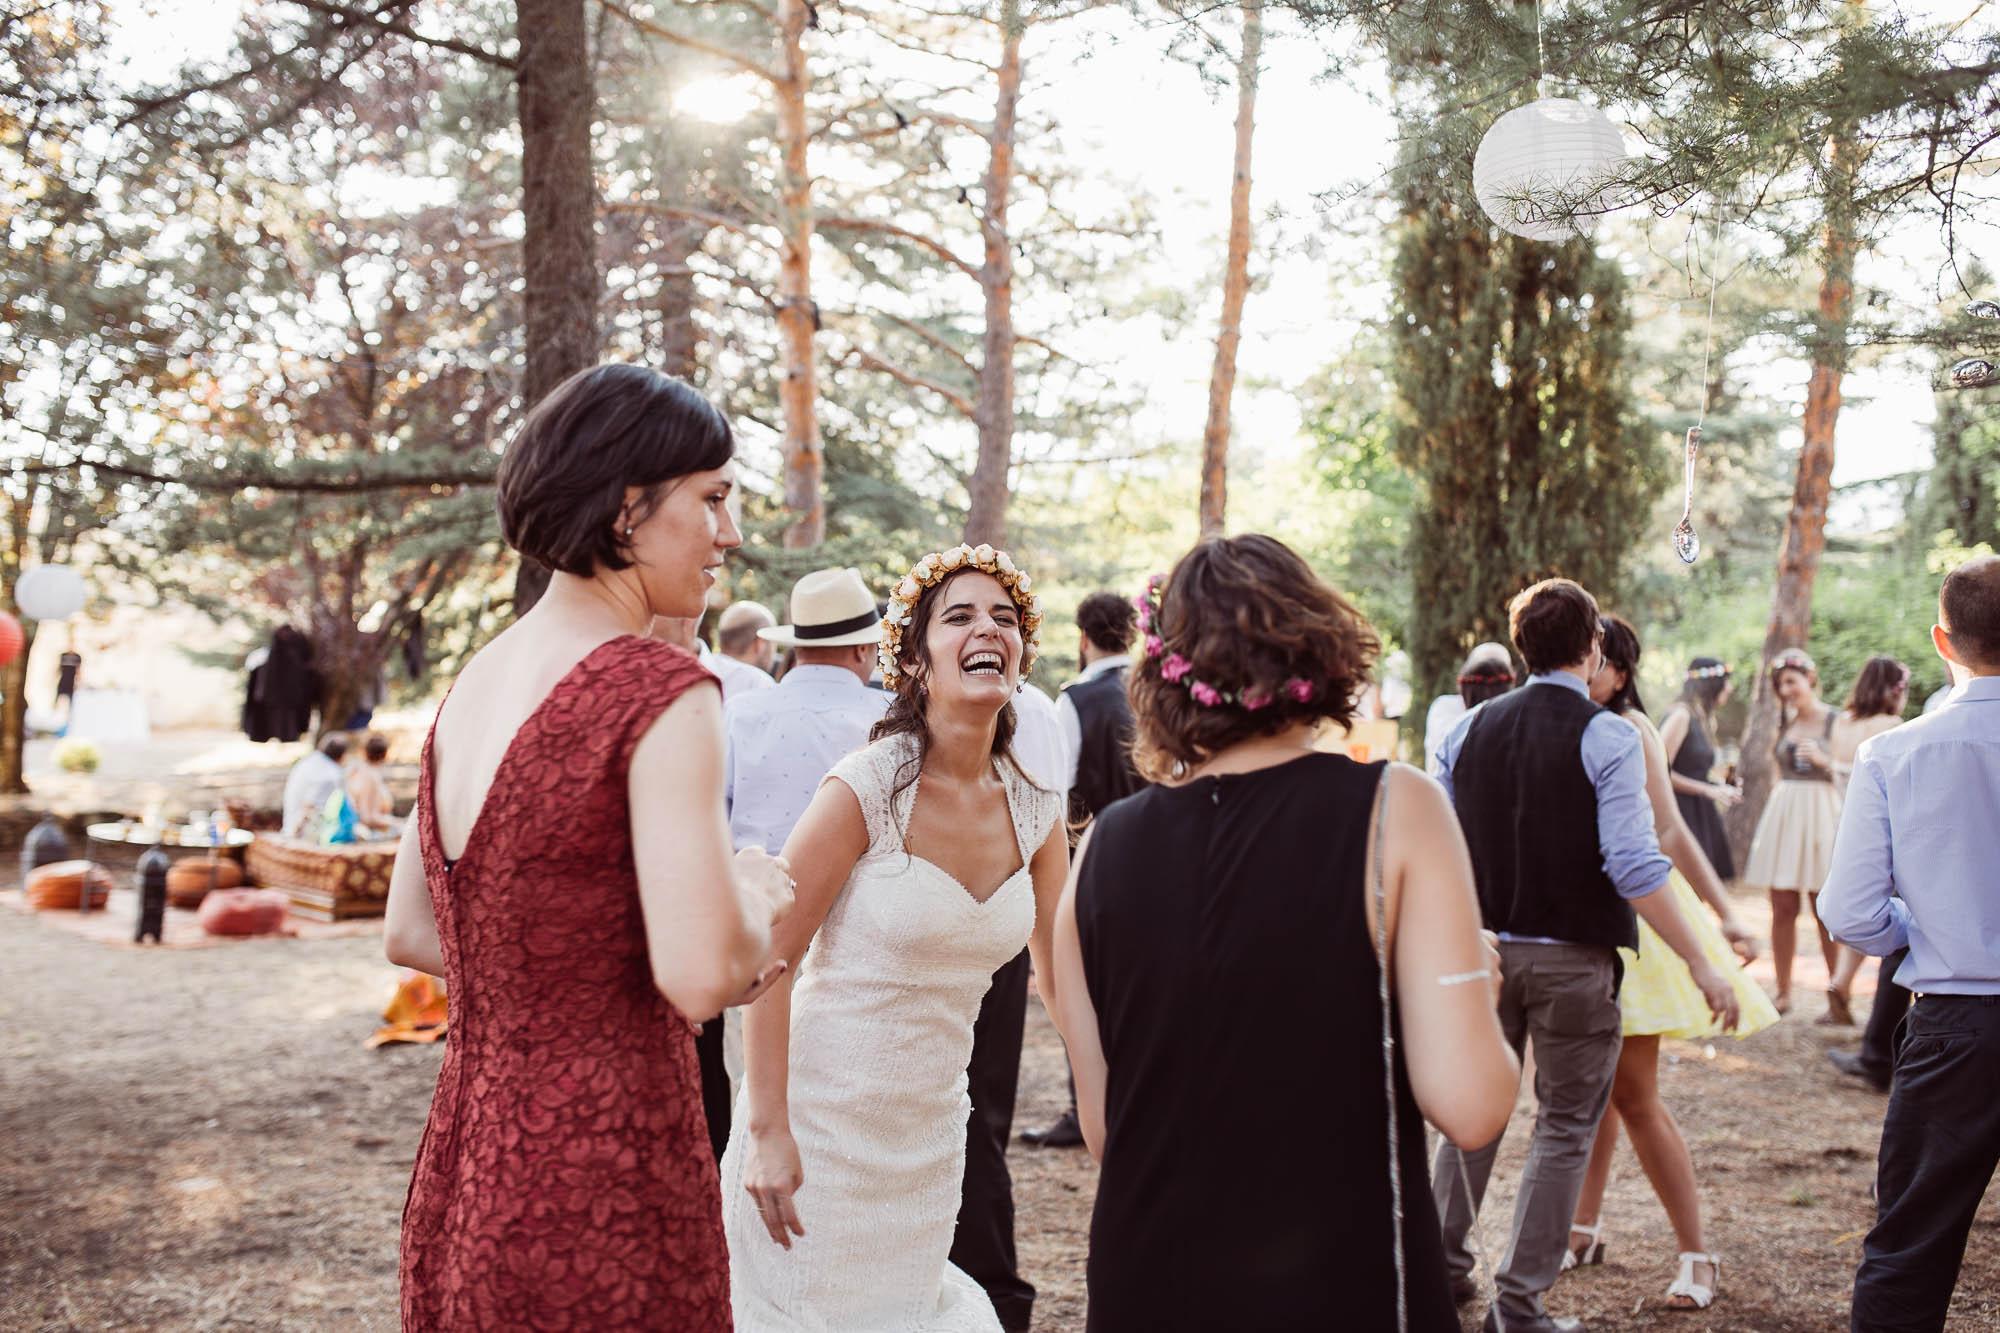 La novia se divierte con sus amigas en la fiesta